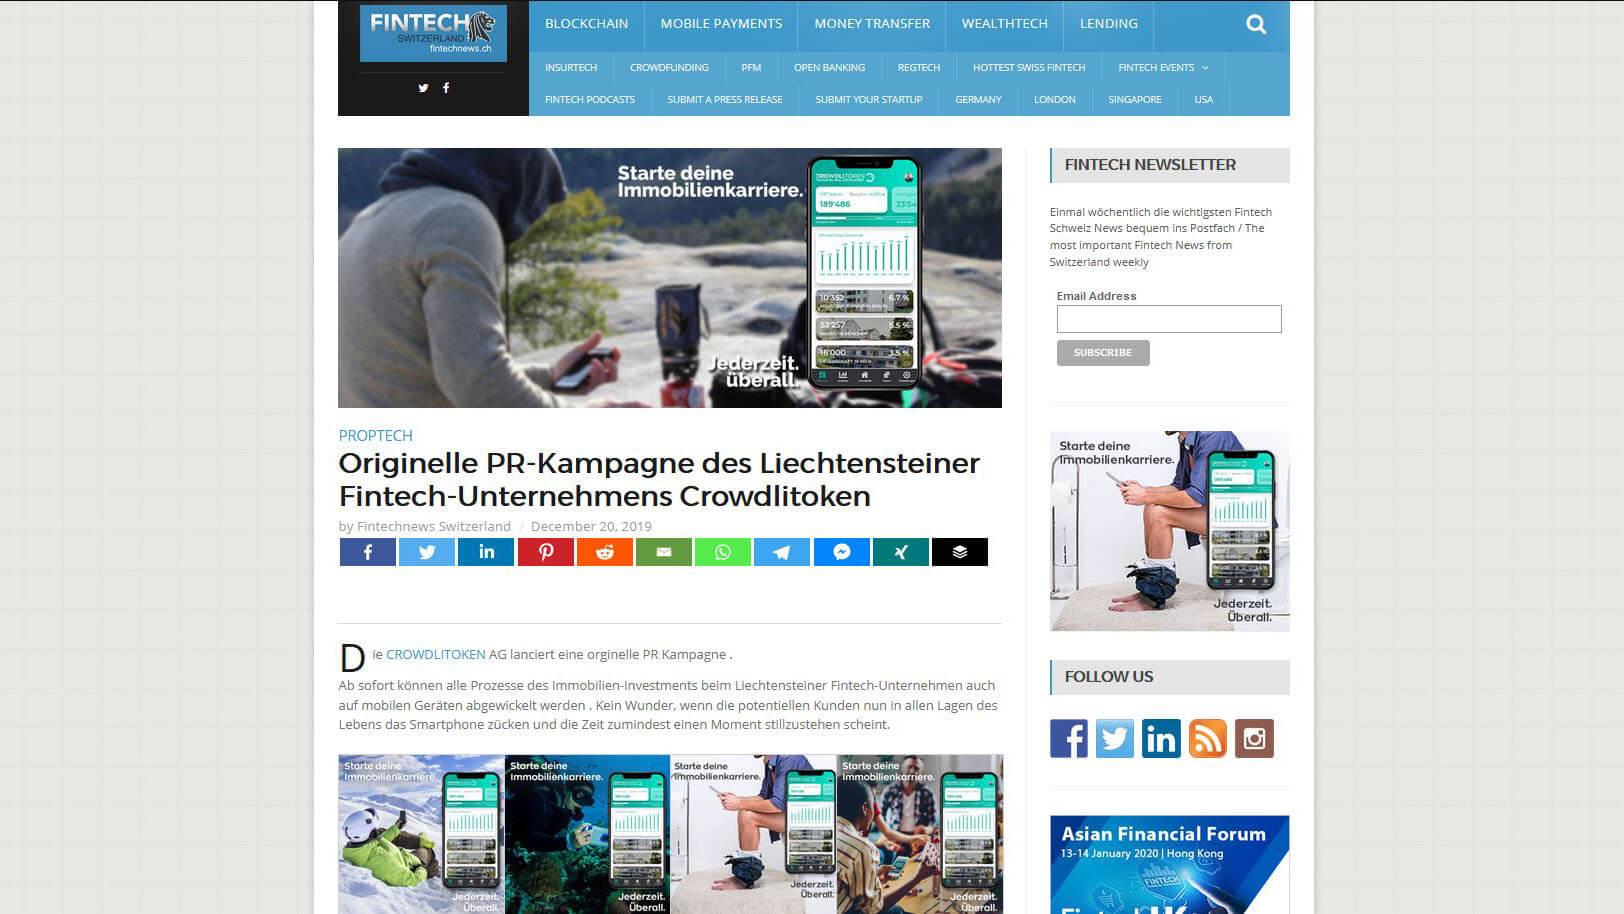 Artikel auf Fintech News zur PR-Kampagne «Jederzeit. Überall.»